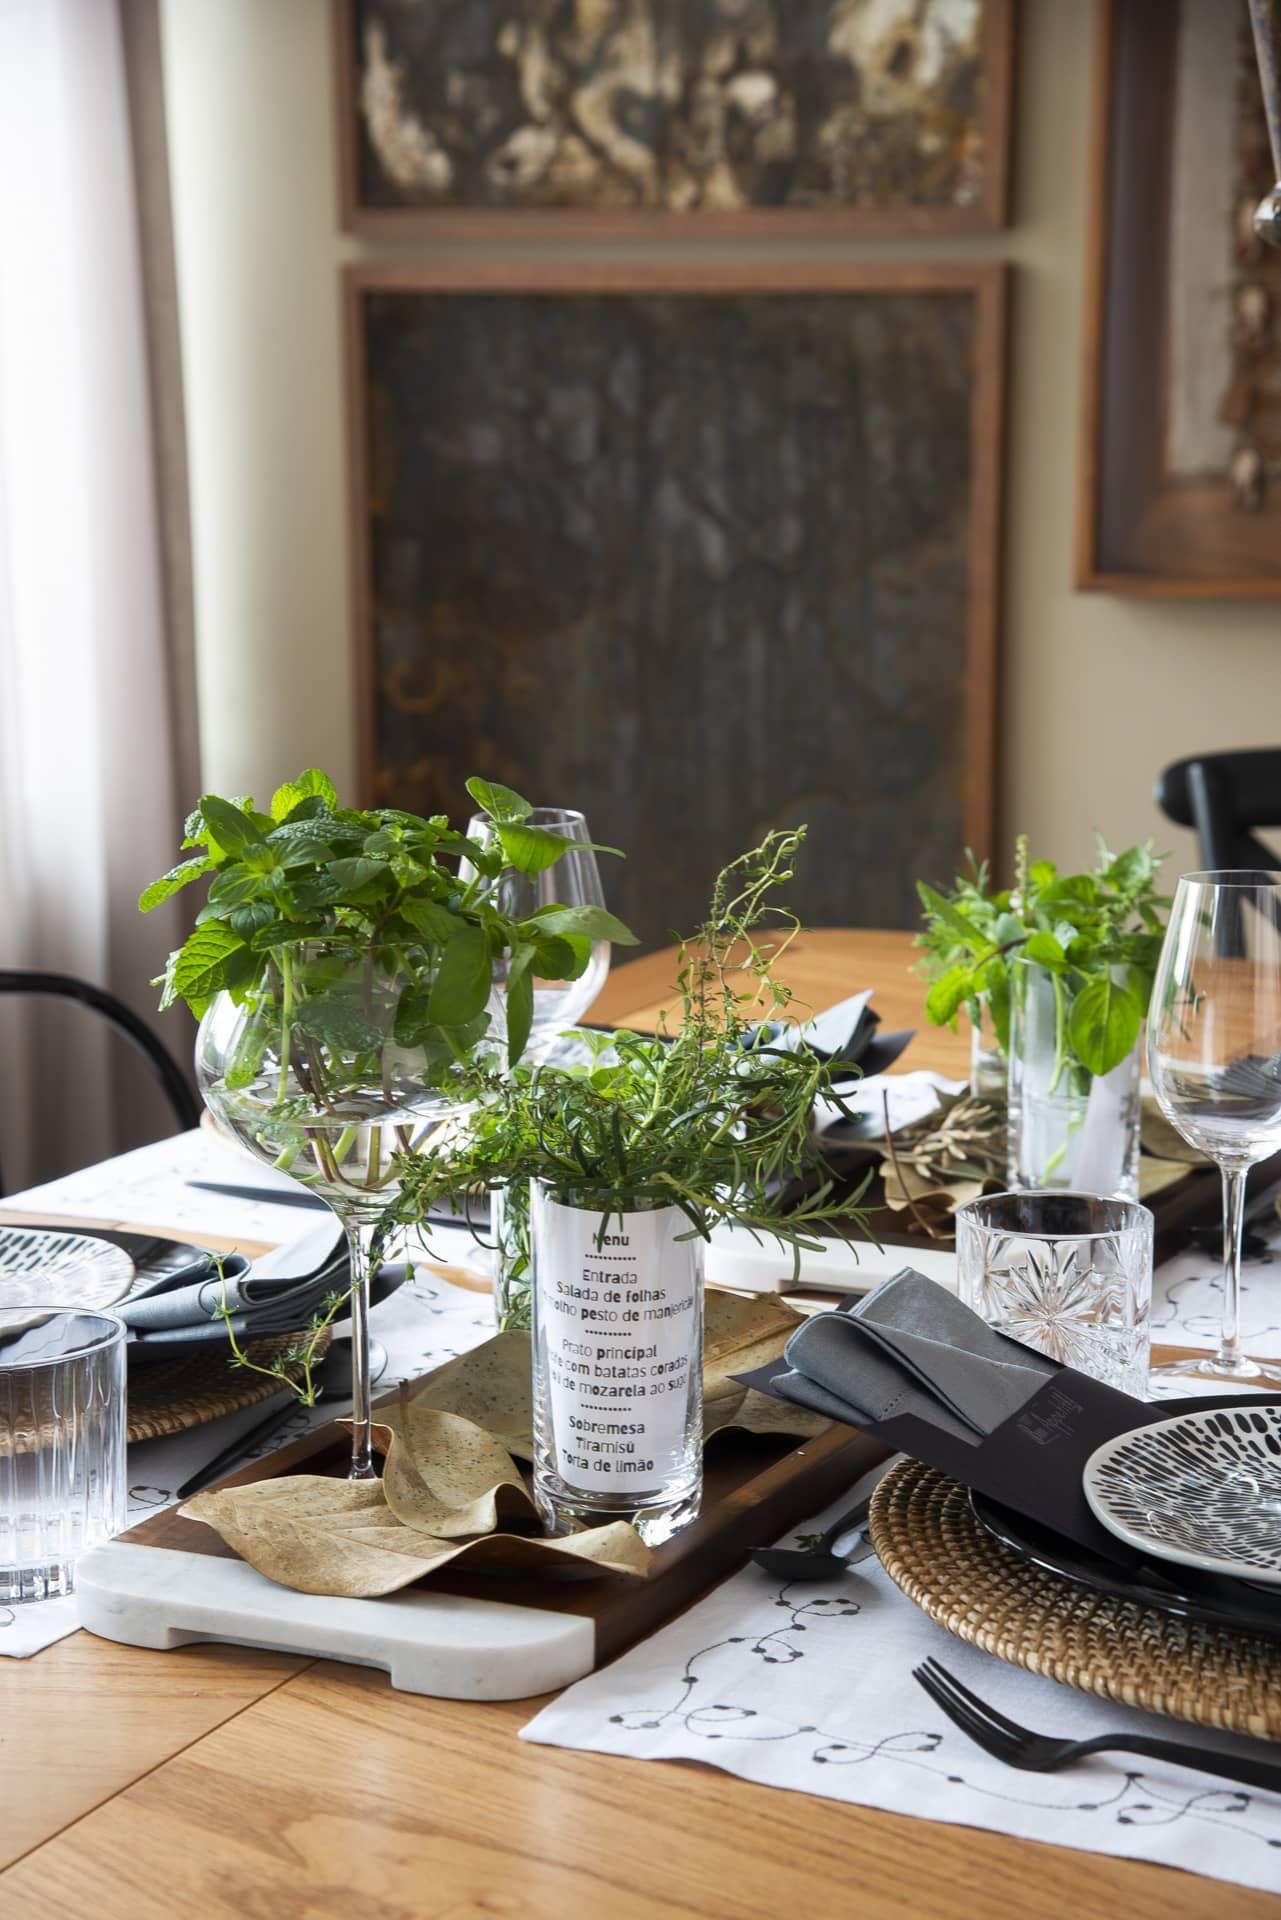 No centro da mesa, o arranjo é feito com ervas frescas, como hortelã, alecrim, tomilho e manjericão. Em pequenos maços, as ervas são dispostas em copos e taças de cristal daOxford Alumina Crystal. O conjunto fica sobre uma bandeja de madeira e mármore da Oxford, à venda em revendedores de todo país. Foto: Cacá Bratke